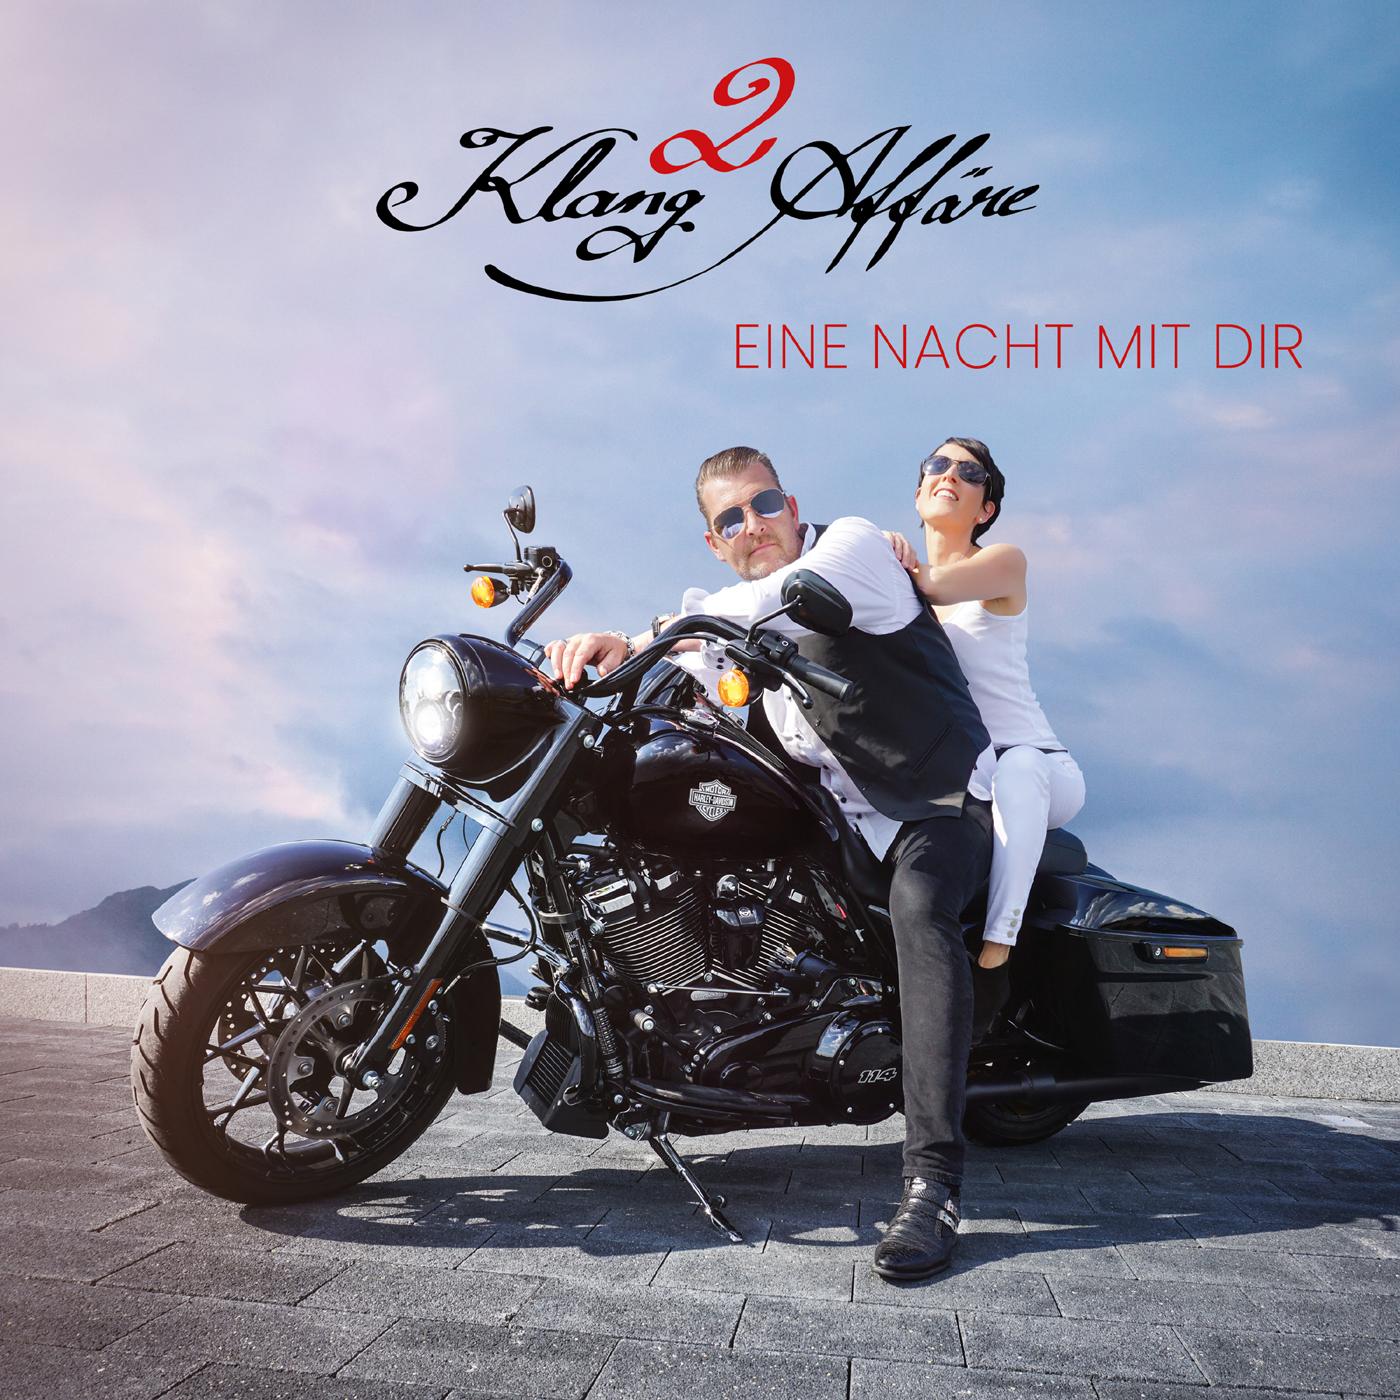 2KlangAffäre * Eine Nacht mit dir (Download-Track) * Eine Klang-Affäre zum Verlieben !!!